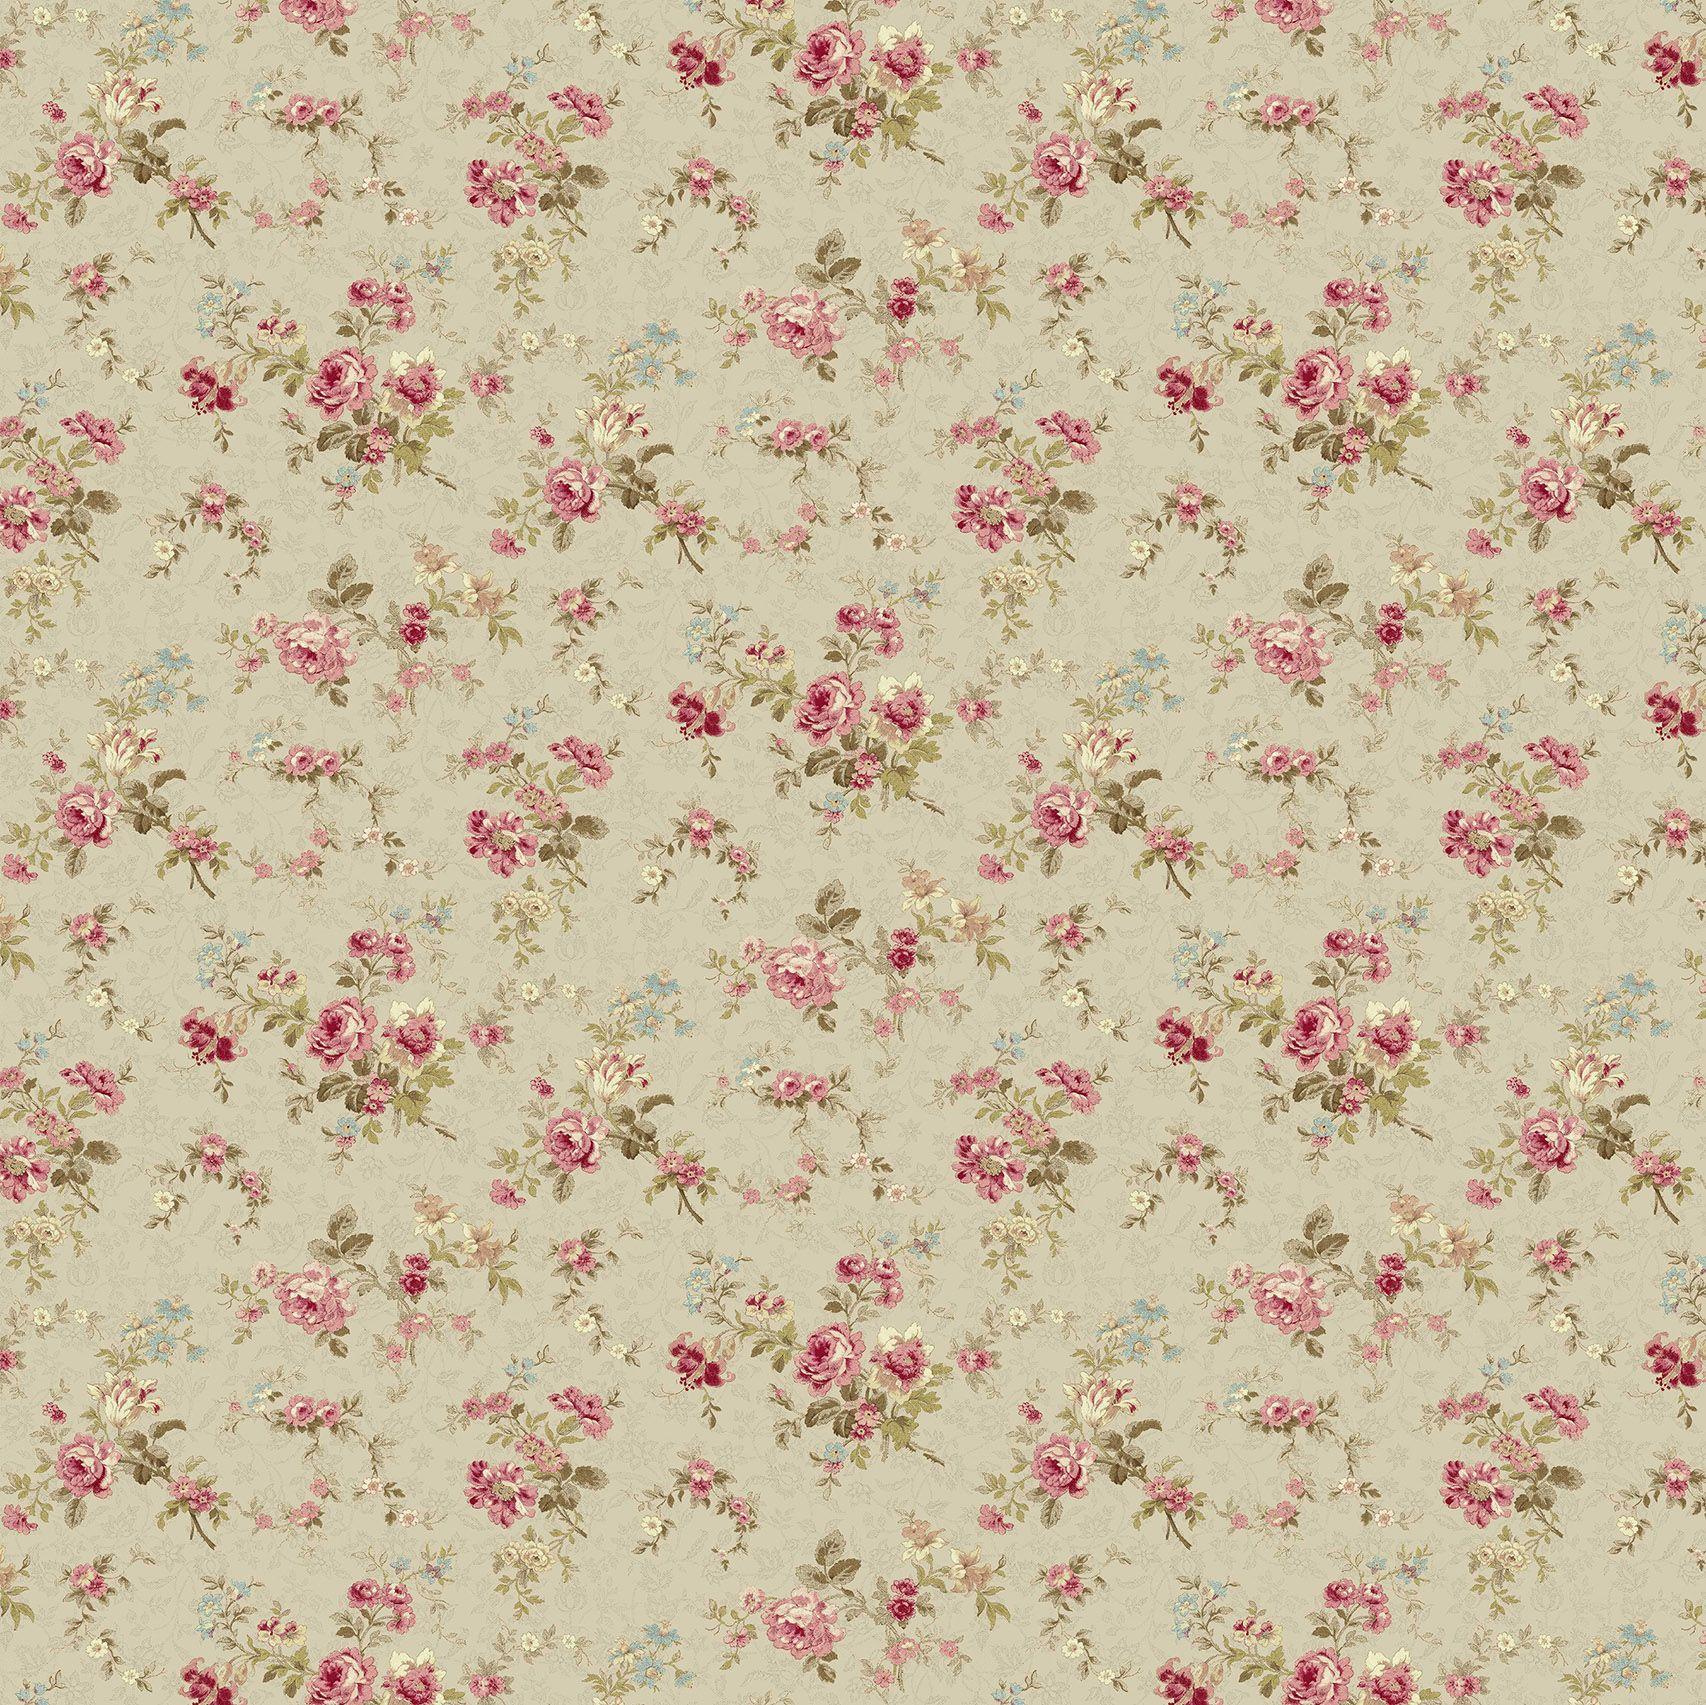 antique rose taupe large jpg 1706Ã 1705 paper pinterest